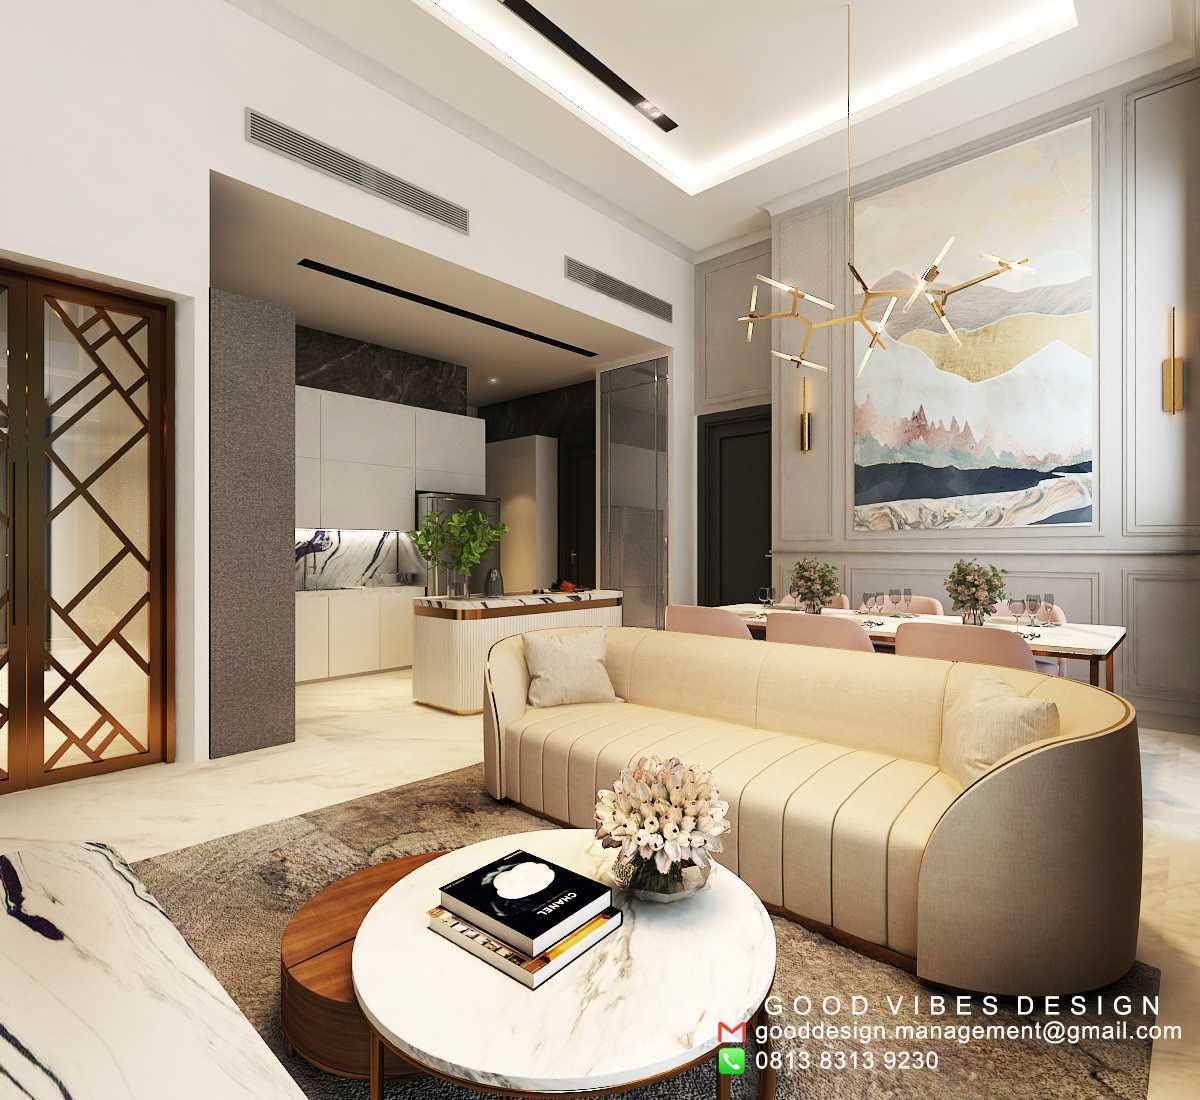 Good Vibes Home Millenium Village Penthouse - Karawaci Kec. Karawaci, Kota Tangerang, Banten, Indonesia Kec. Karawaci, Kota Tangerang, Banten, Indonesia Good-Vibes-Home-Millenium-Village-Penthouse-Karawaci  101339